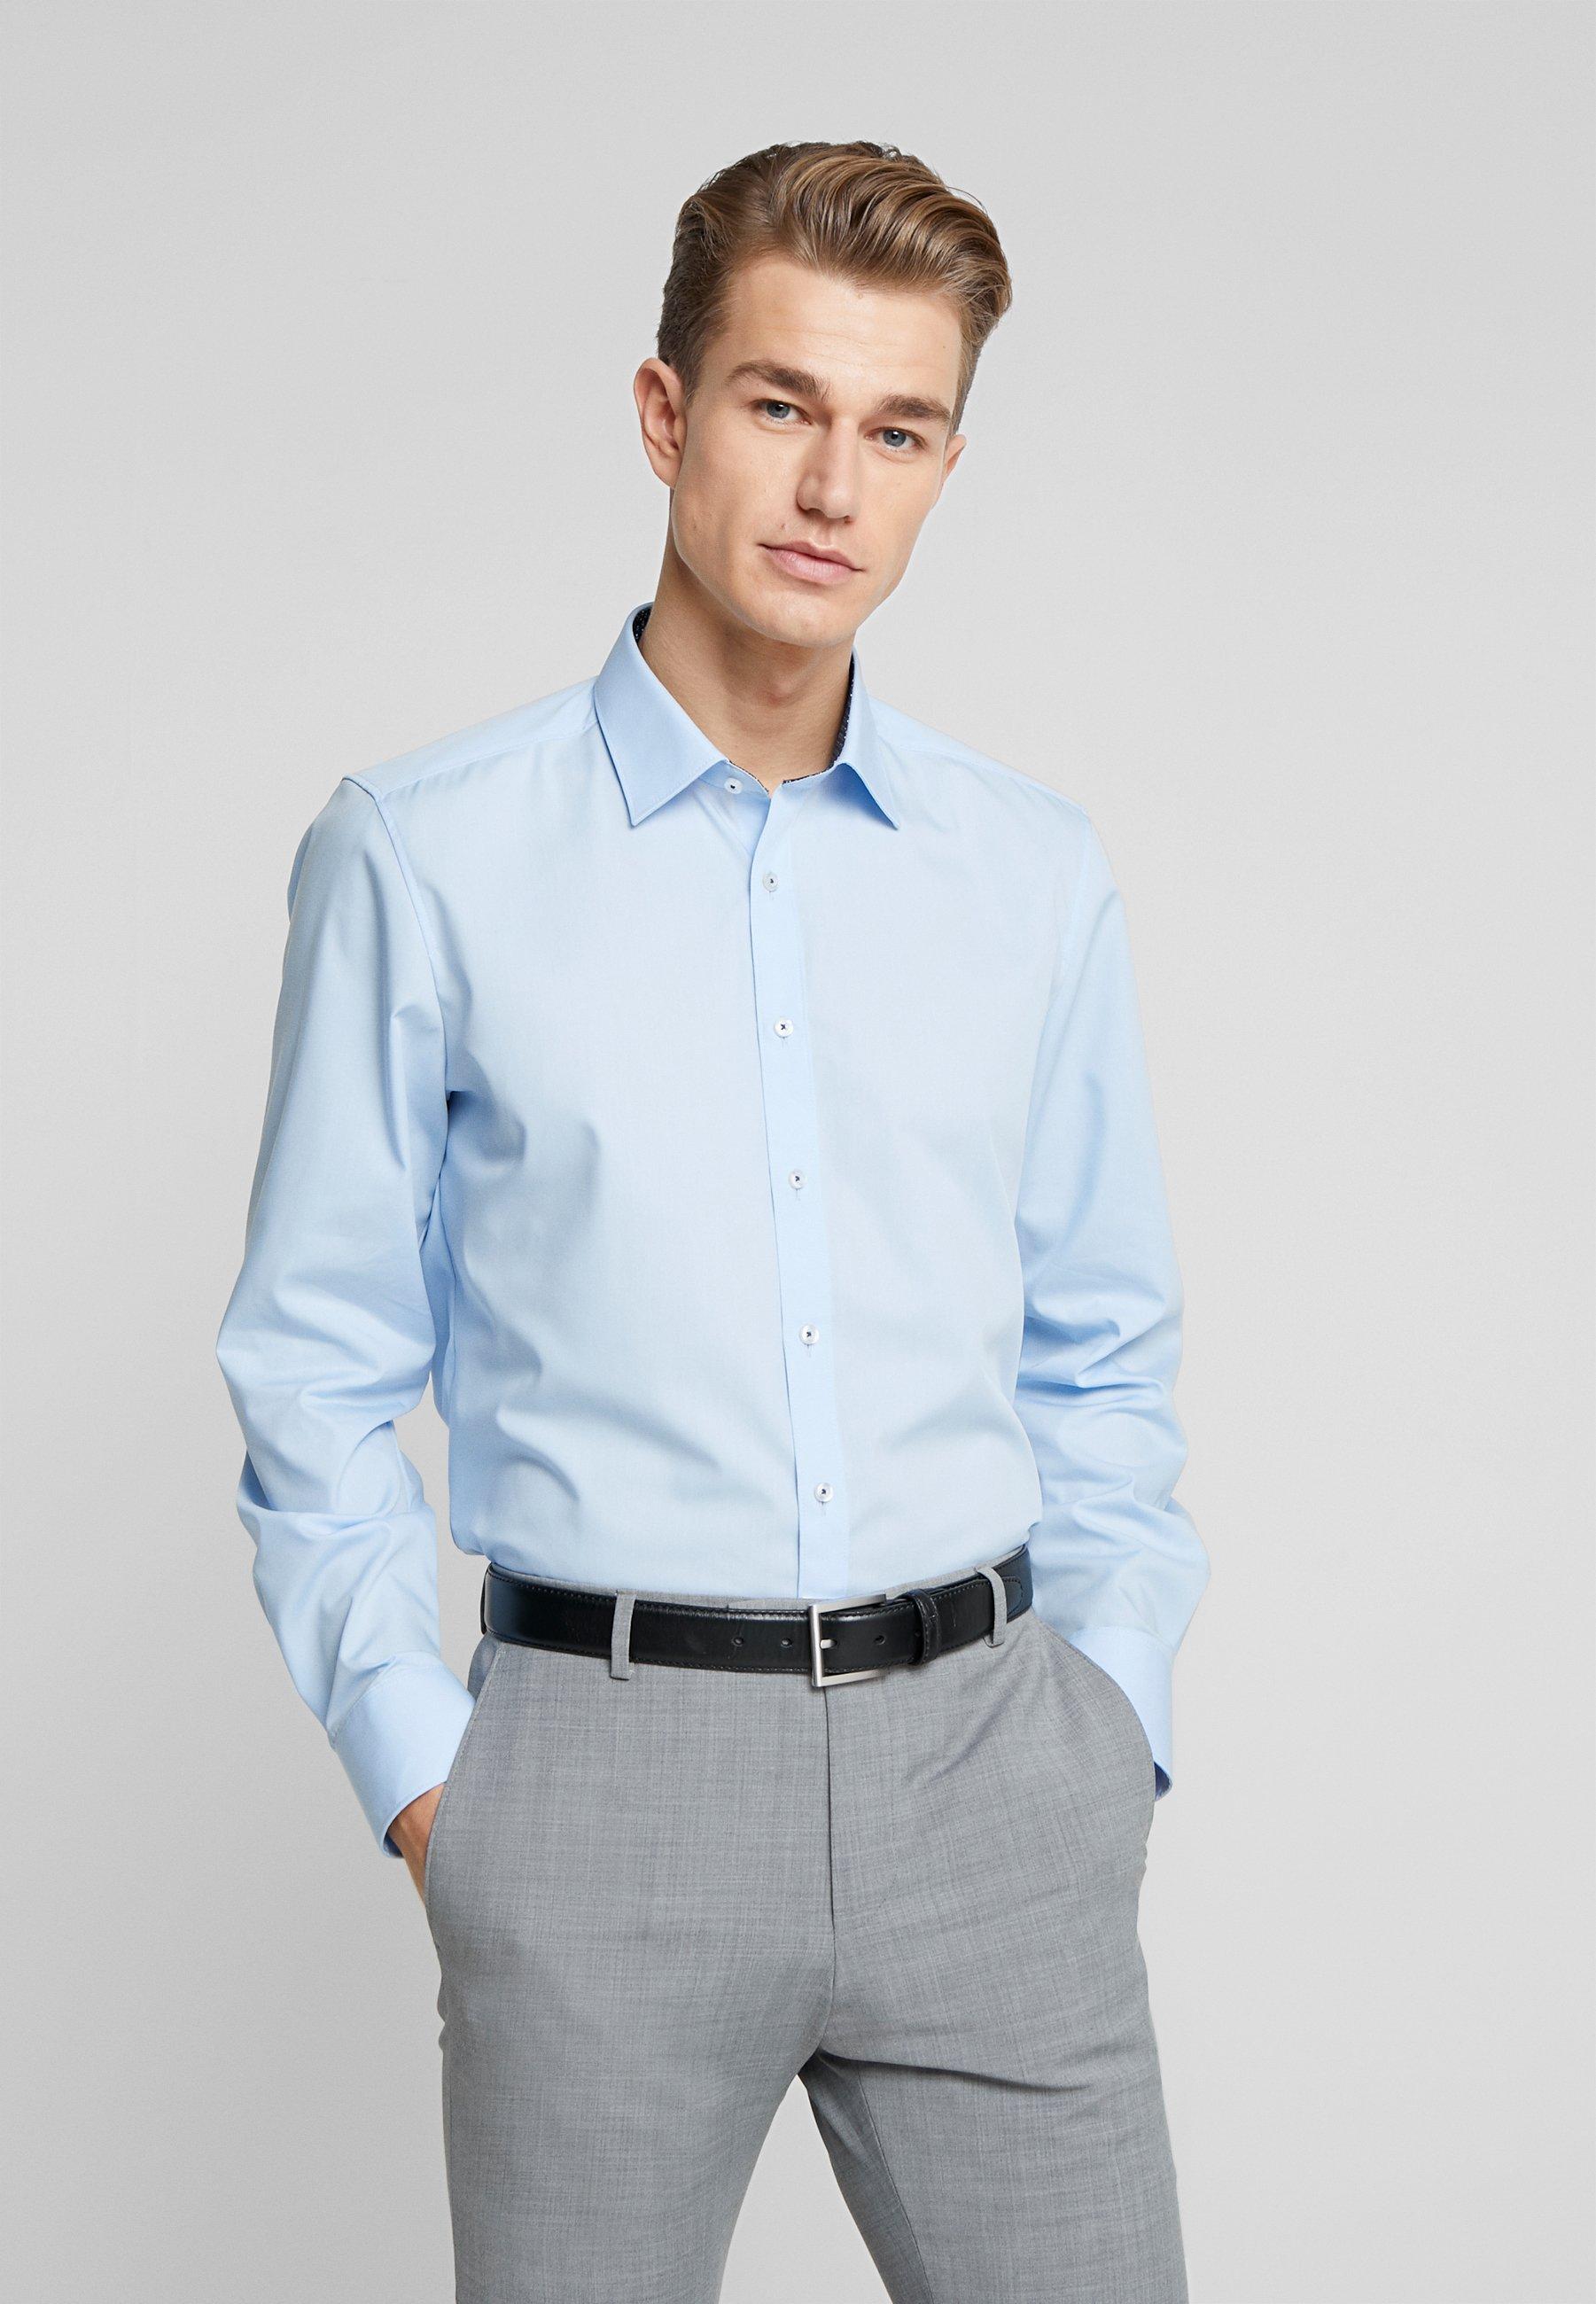 OLYMP OLYMP LEVEL 5 BODY FIT  - Koszula biznesowa - blue